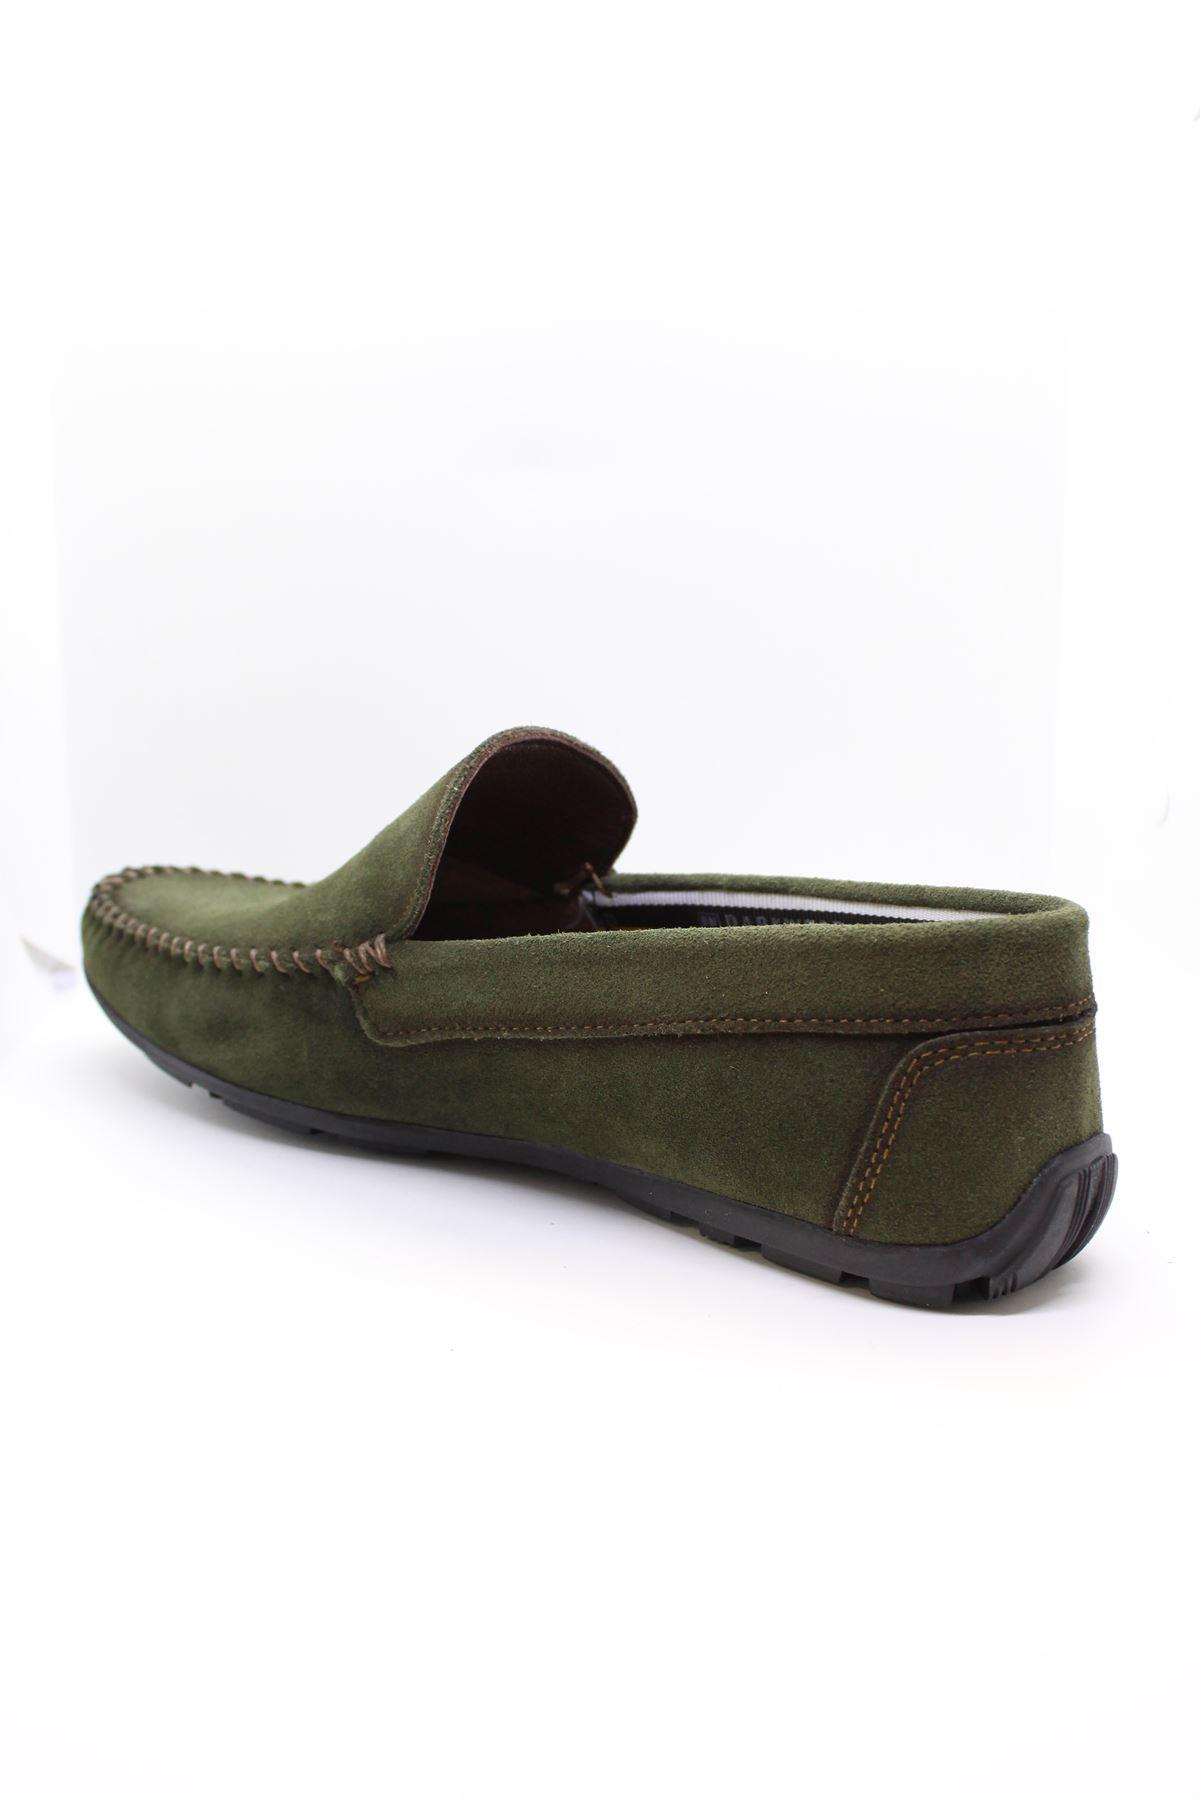 Darkwood  94507 Tokalı Hakiki Deri Süet Yeşil Günlük Erkek Ayakkabı